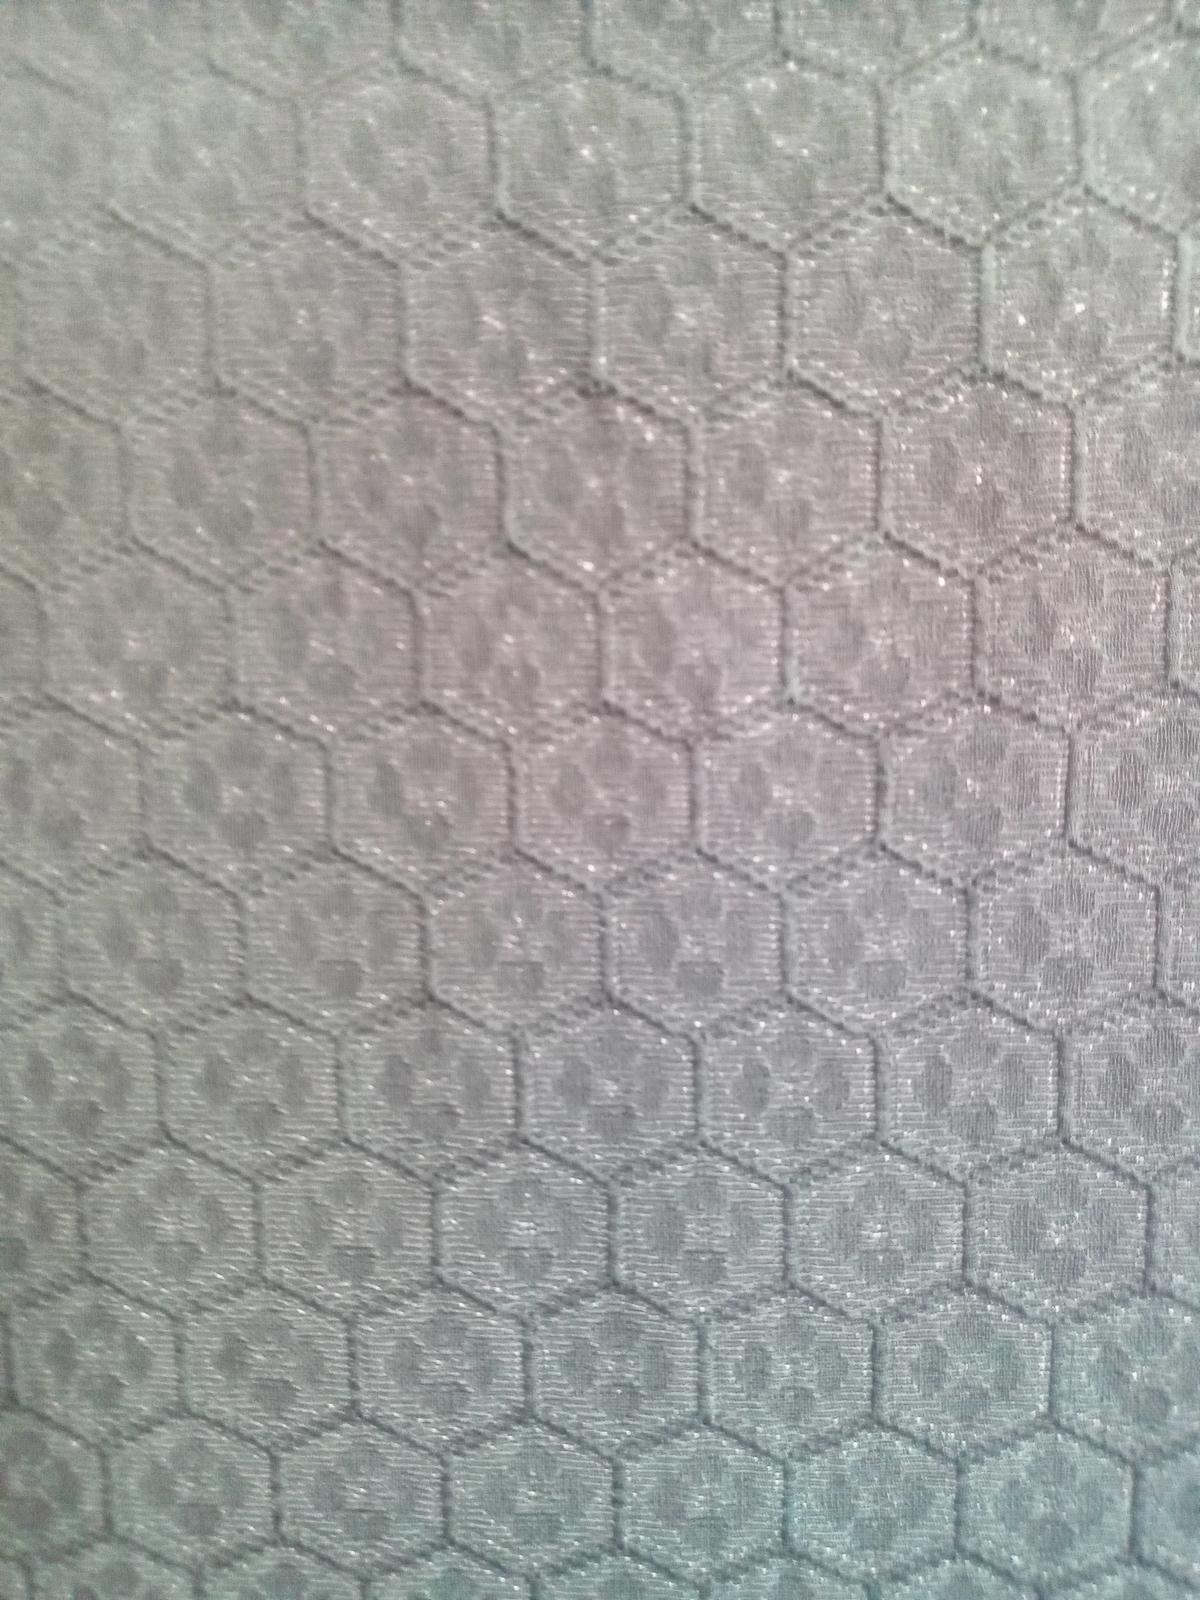 f:id:uribouwataru:20210909113029j:plain